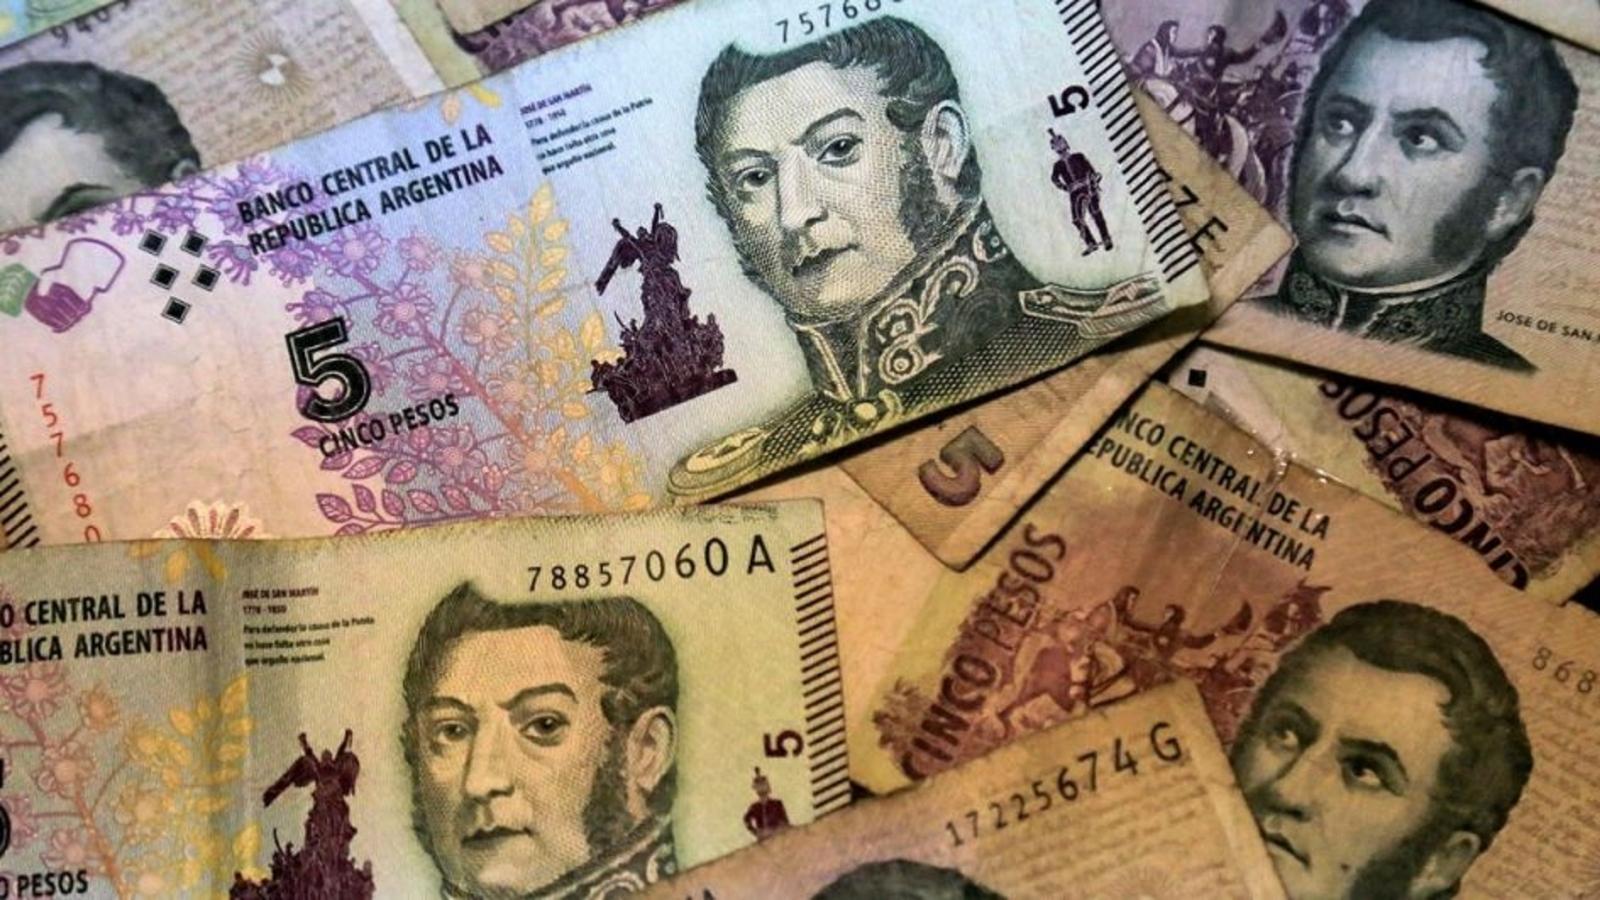 En una semana los billetes de cinco pesos saldrán de circulación